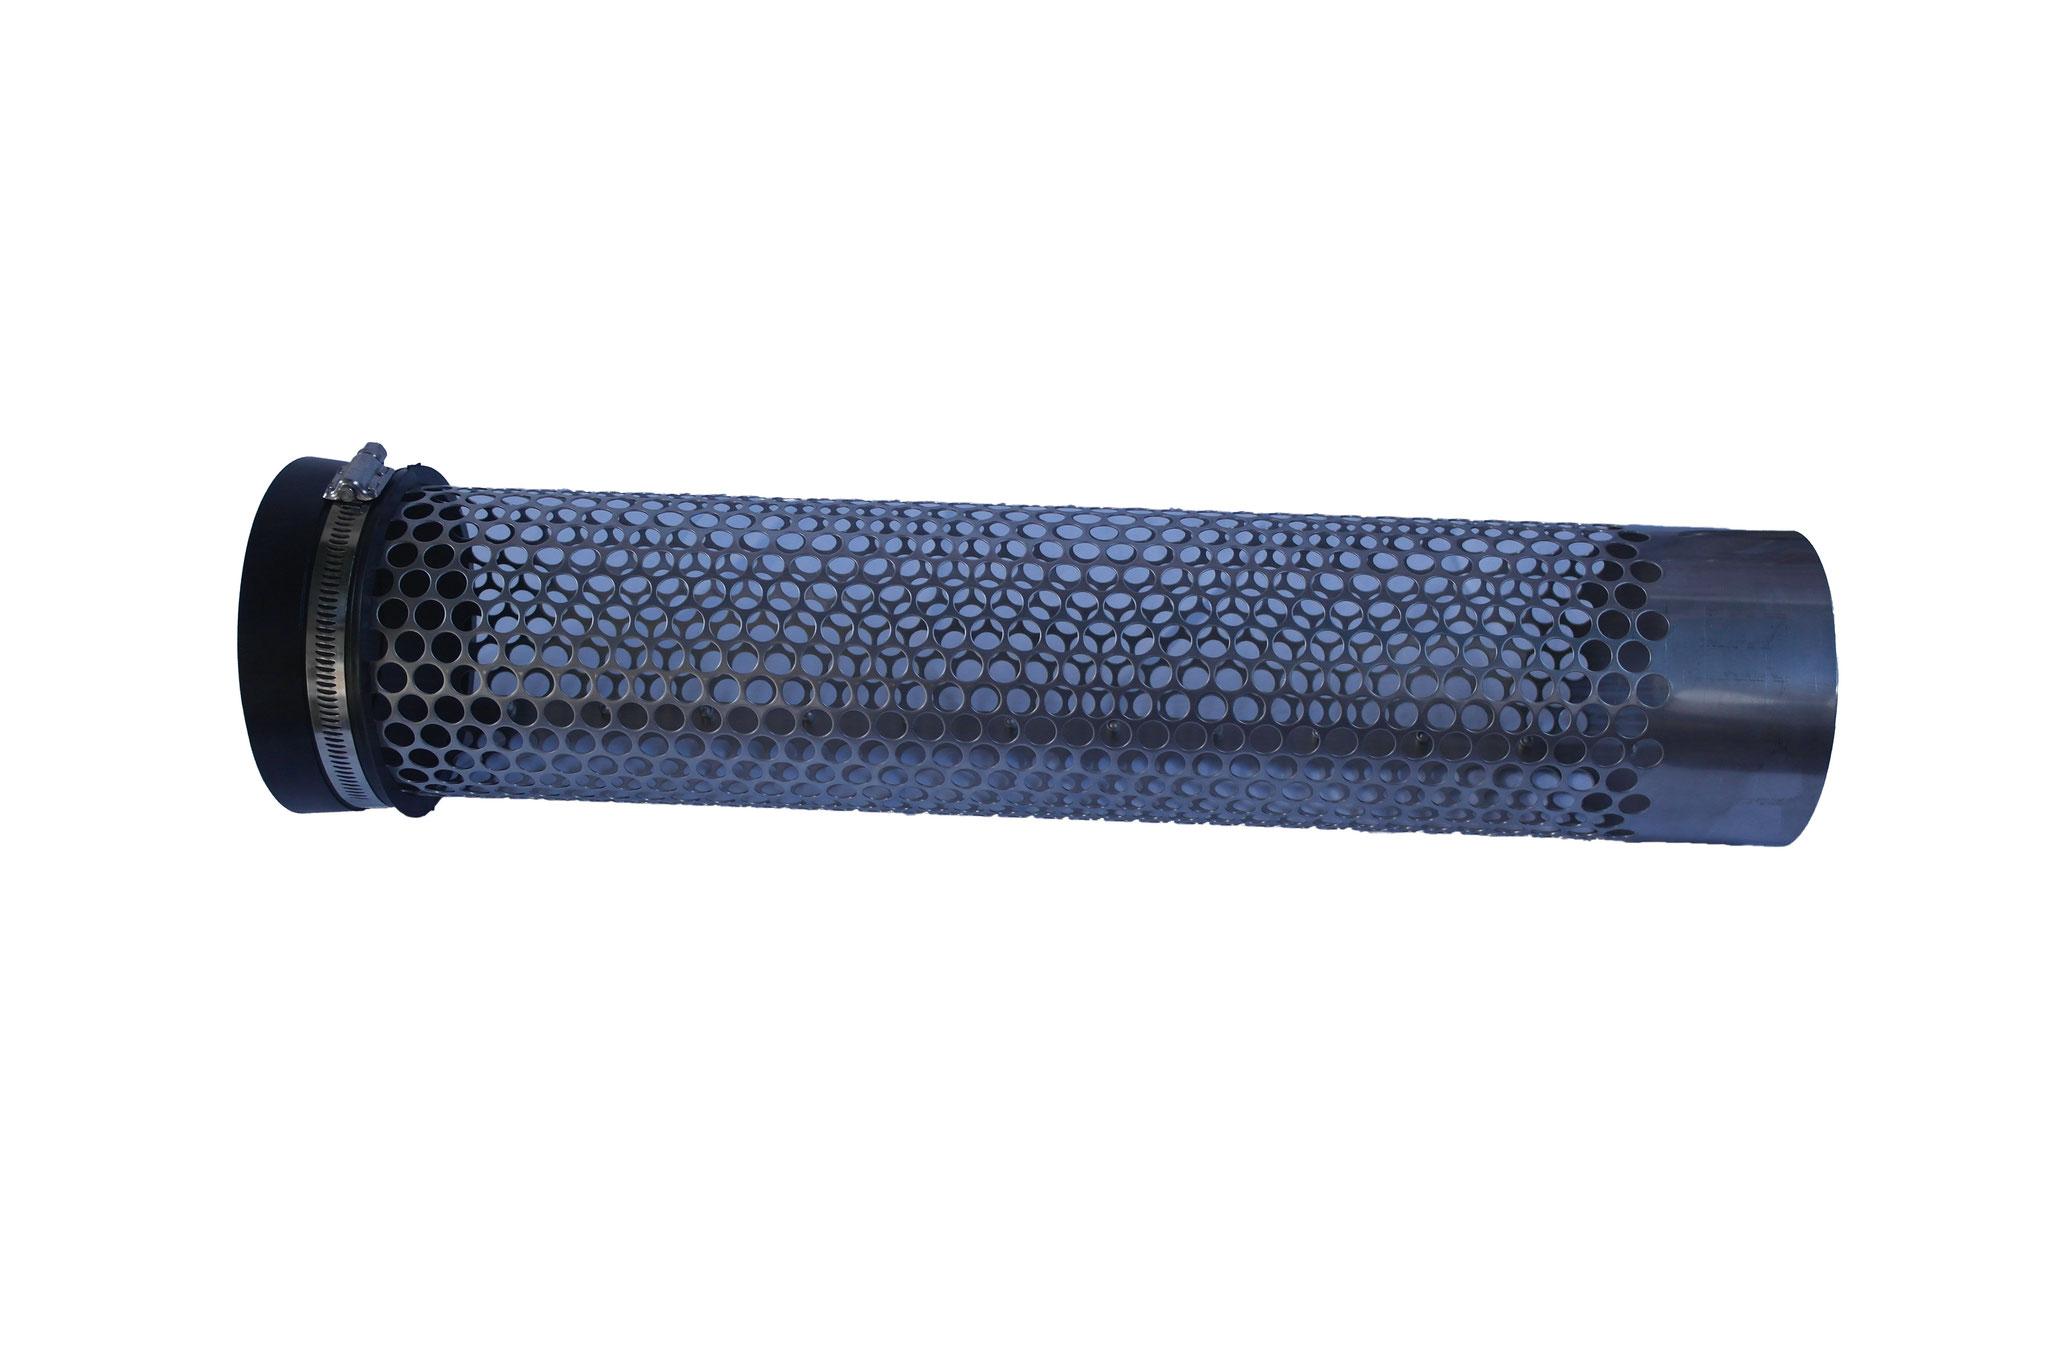 Siebrohr mit Endkappe für 110er KG Rohr (DN 100)